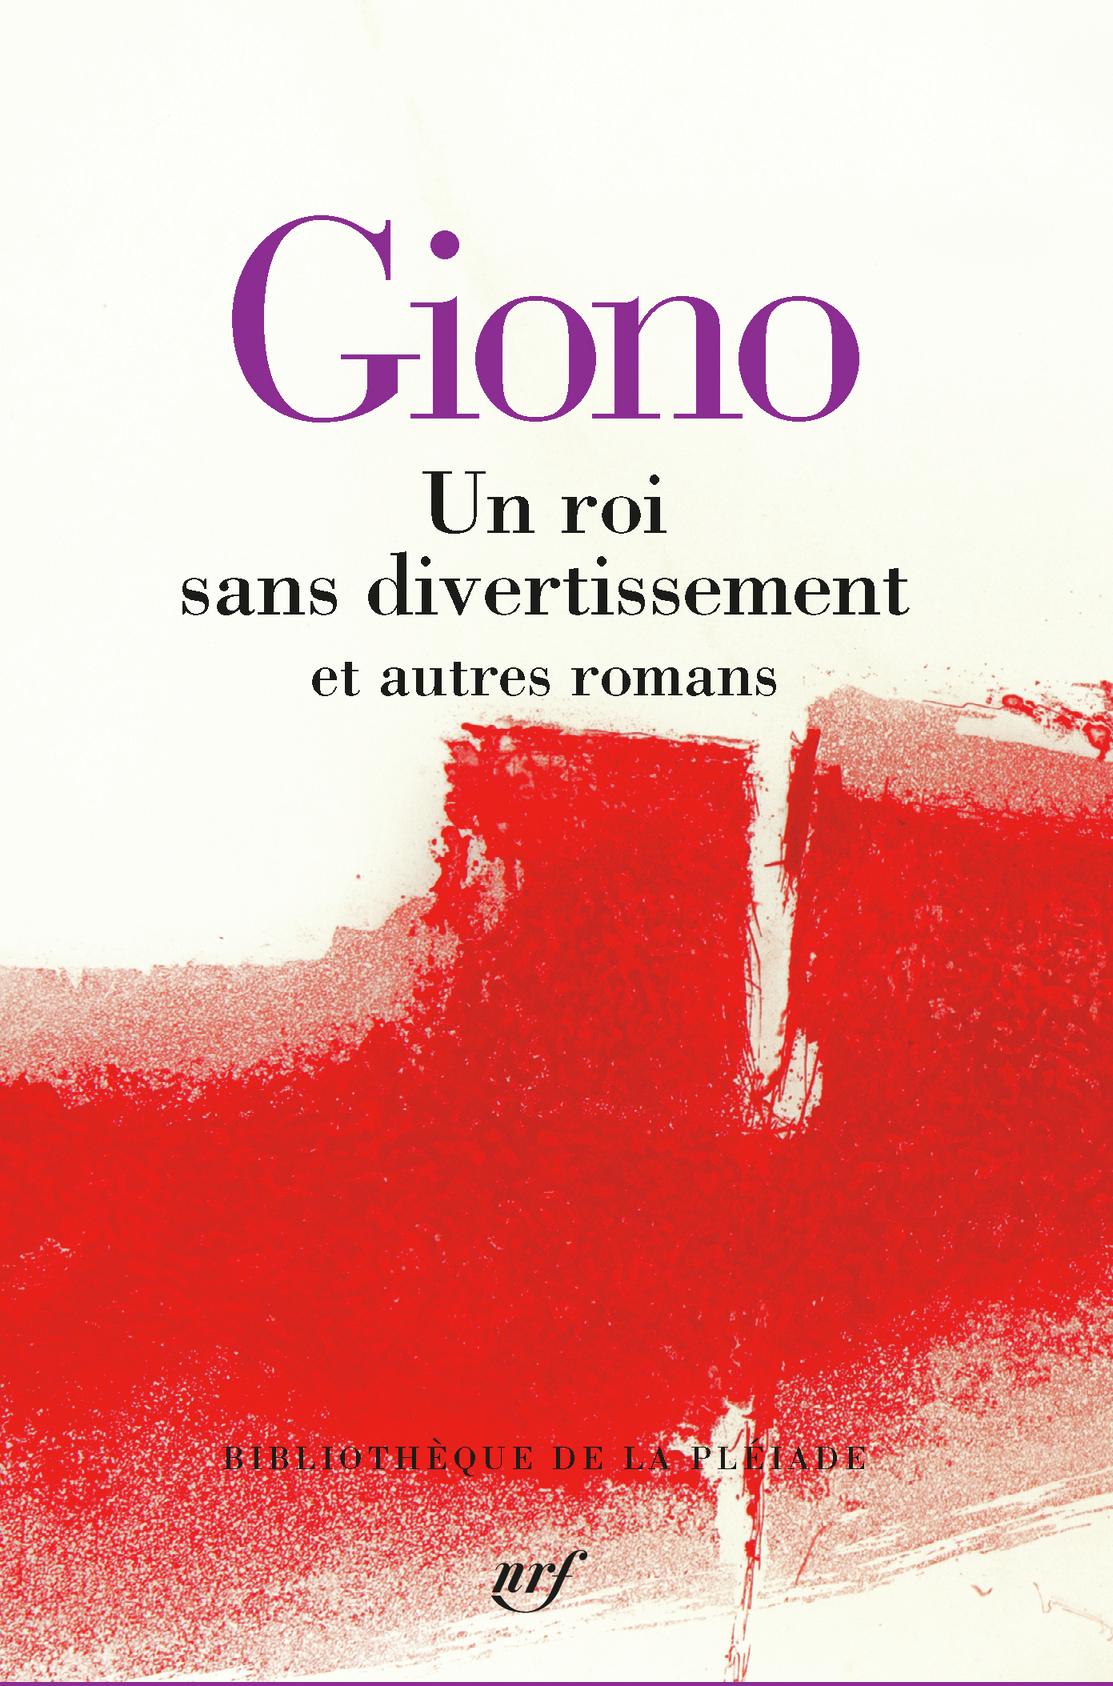 J. Giono, Un roi sans divertissement et autres romans (Bibliothèque de la Pléiade)